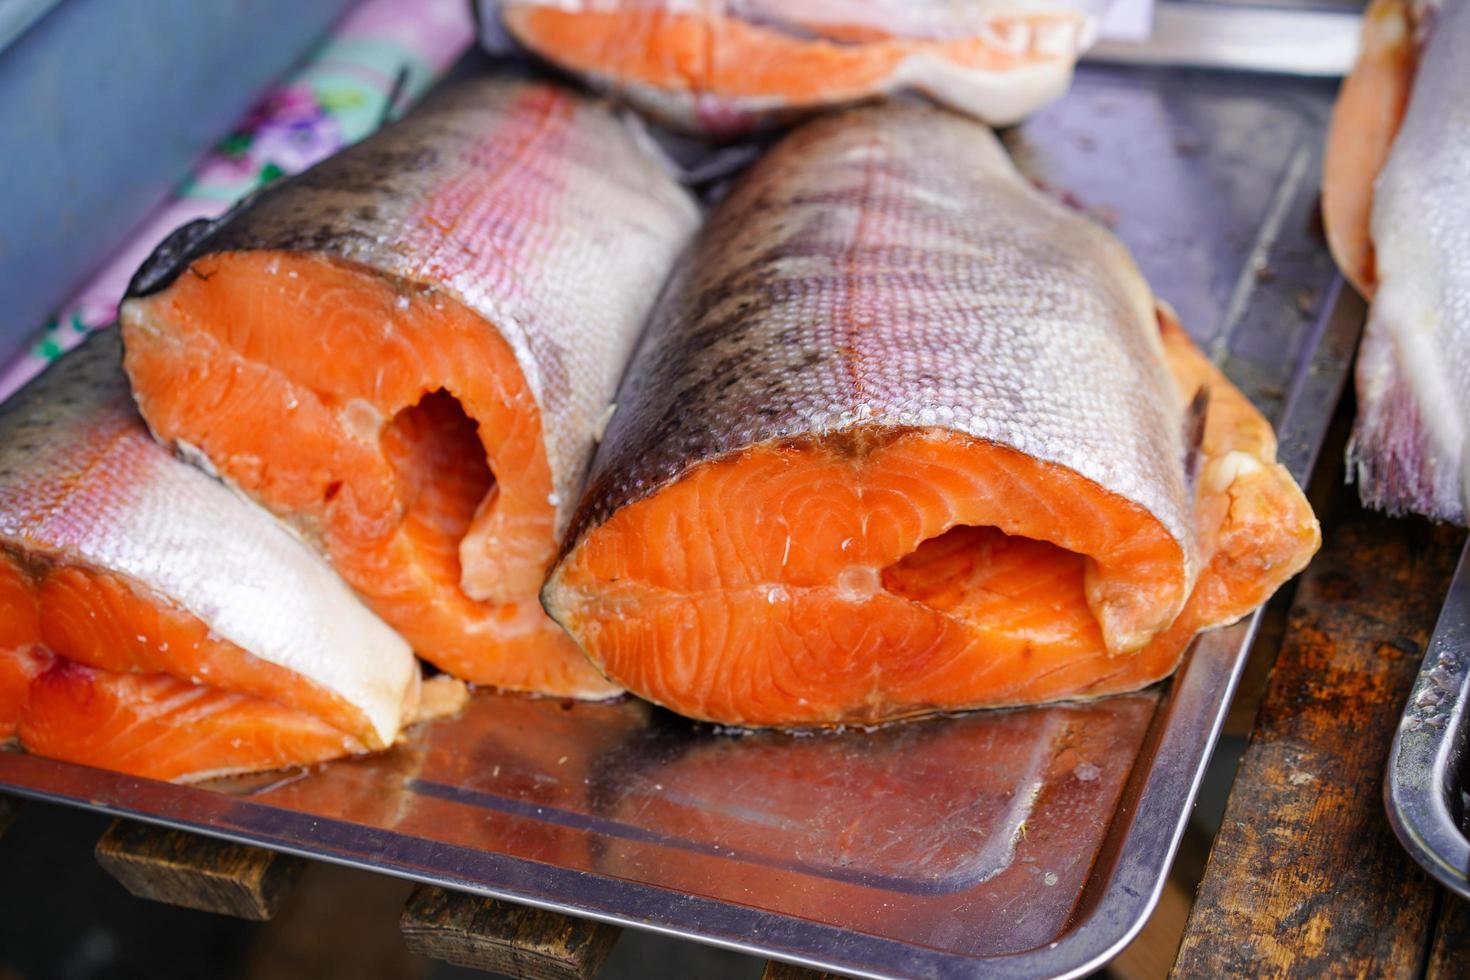 pescado rojo crudo en una bandeja de metal. foto